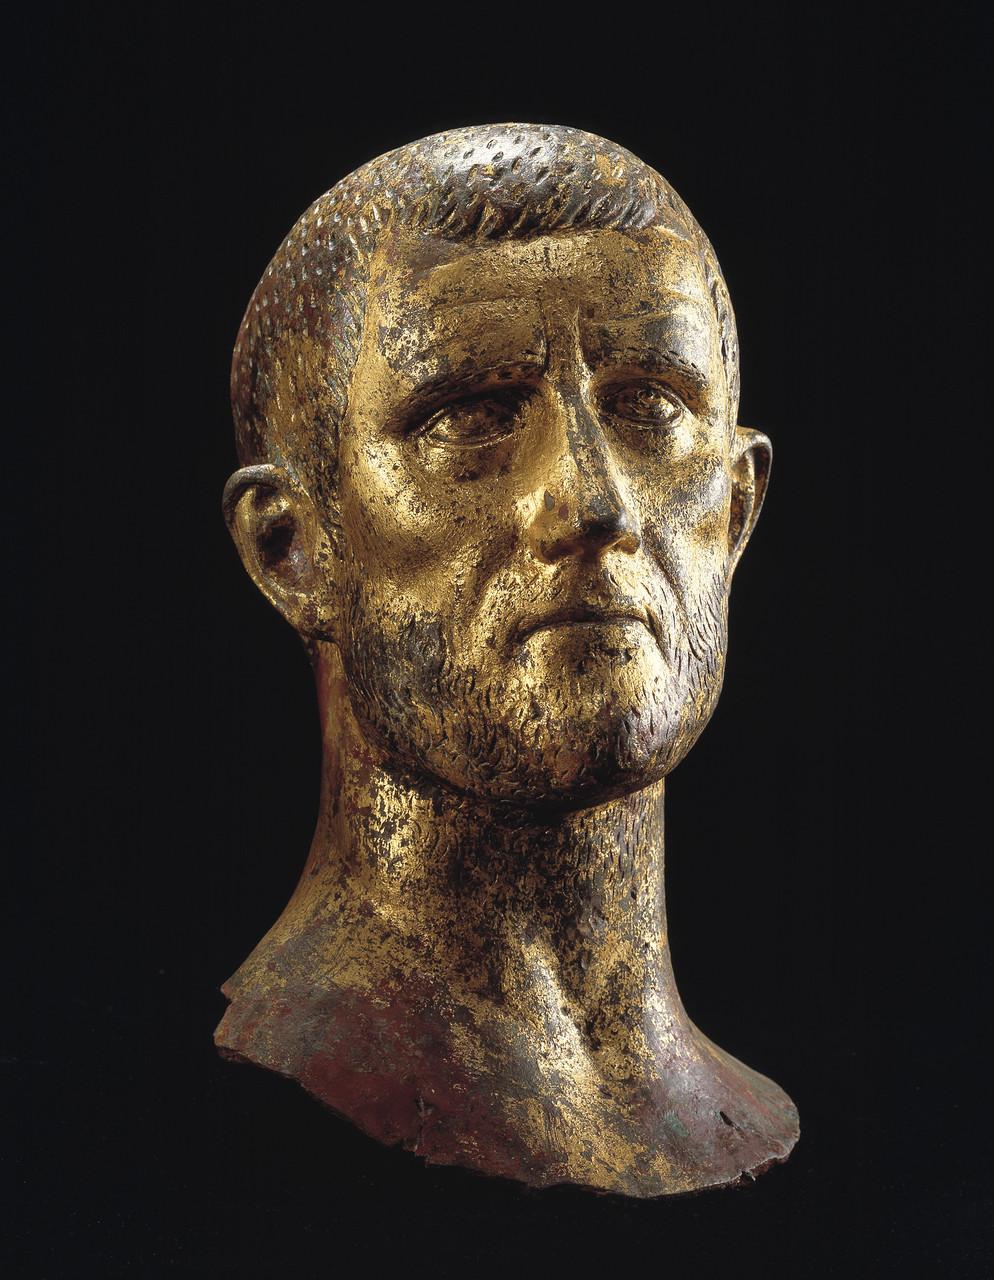 Ritratto maschile, cosiddetto Aureliano, 268-275 d.C. Bronzo dorato, altezza 37 cm Musei Civici d'Arte e Storia Brescia, Italia